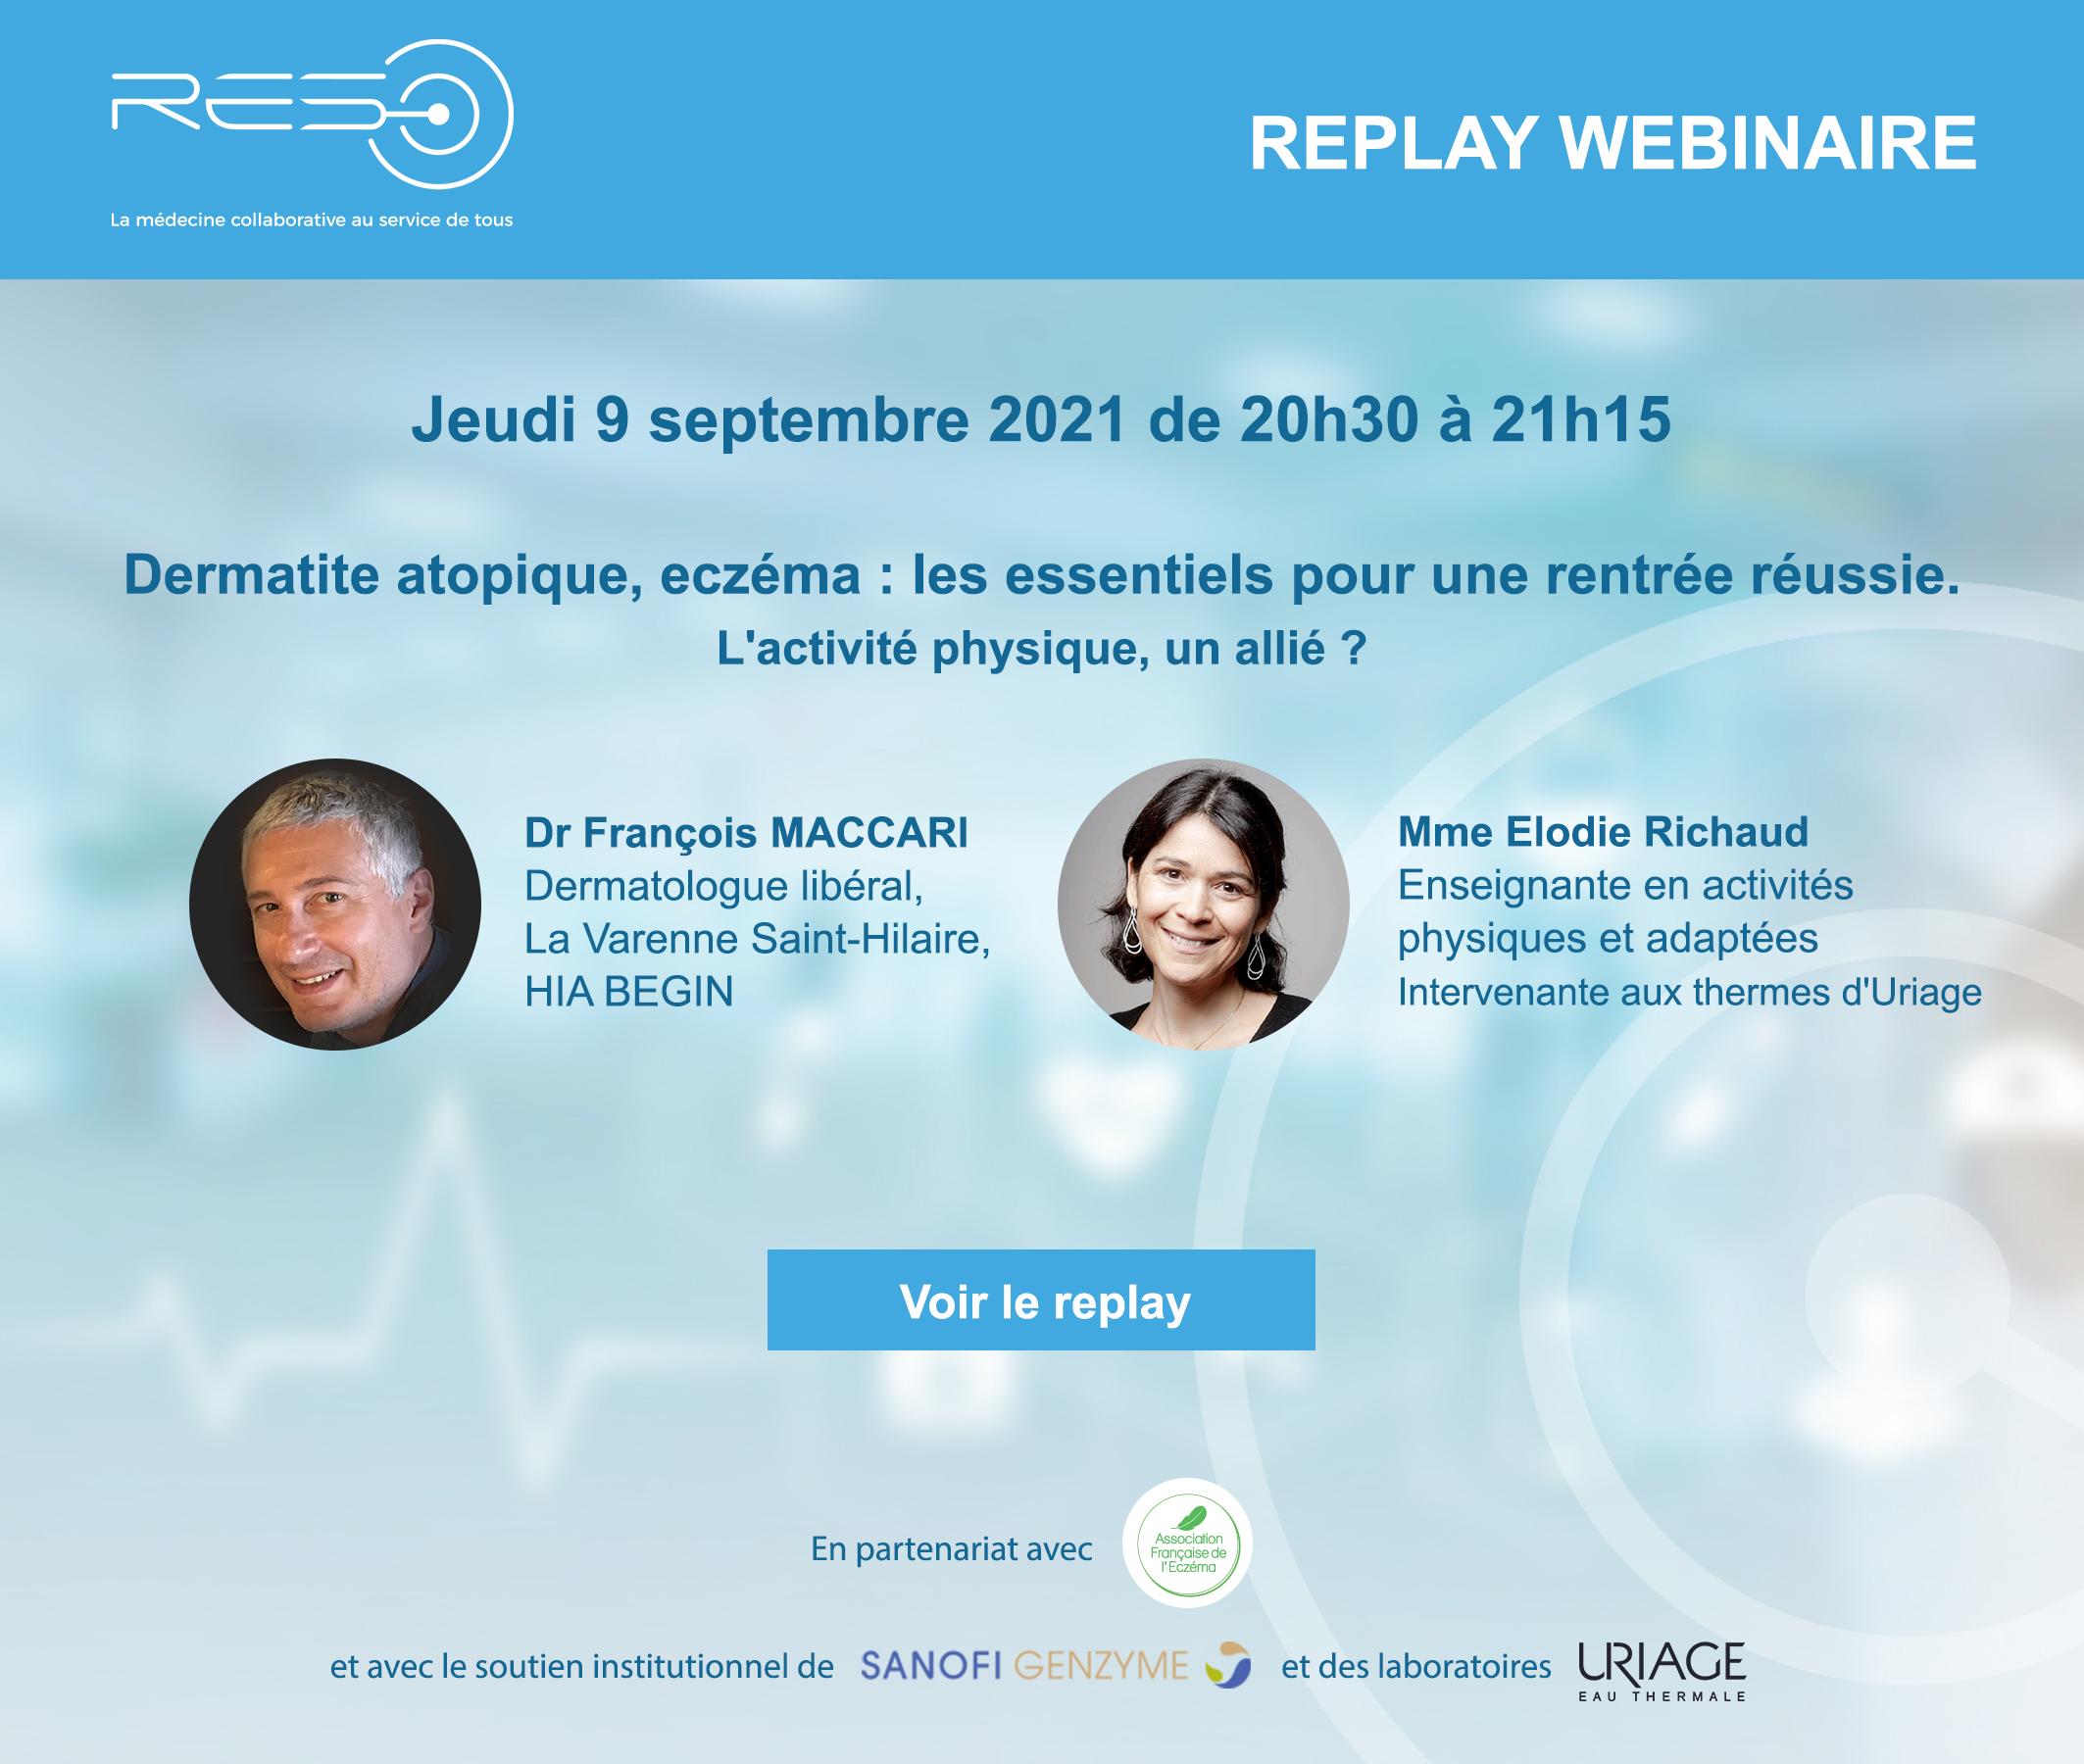 2021-09-09-replay-webinaire-da